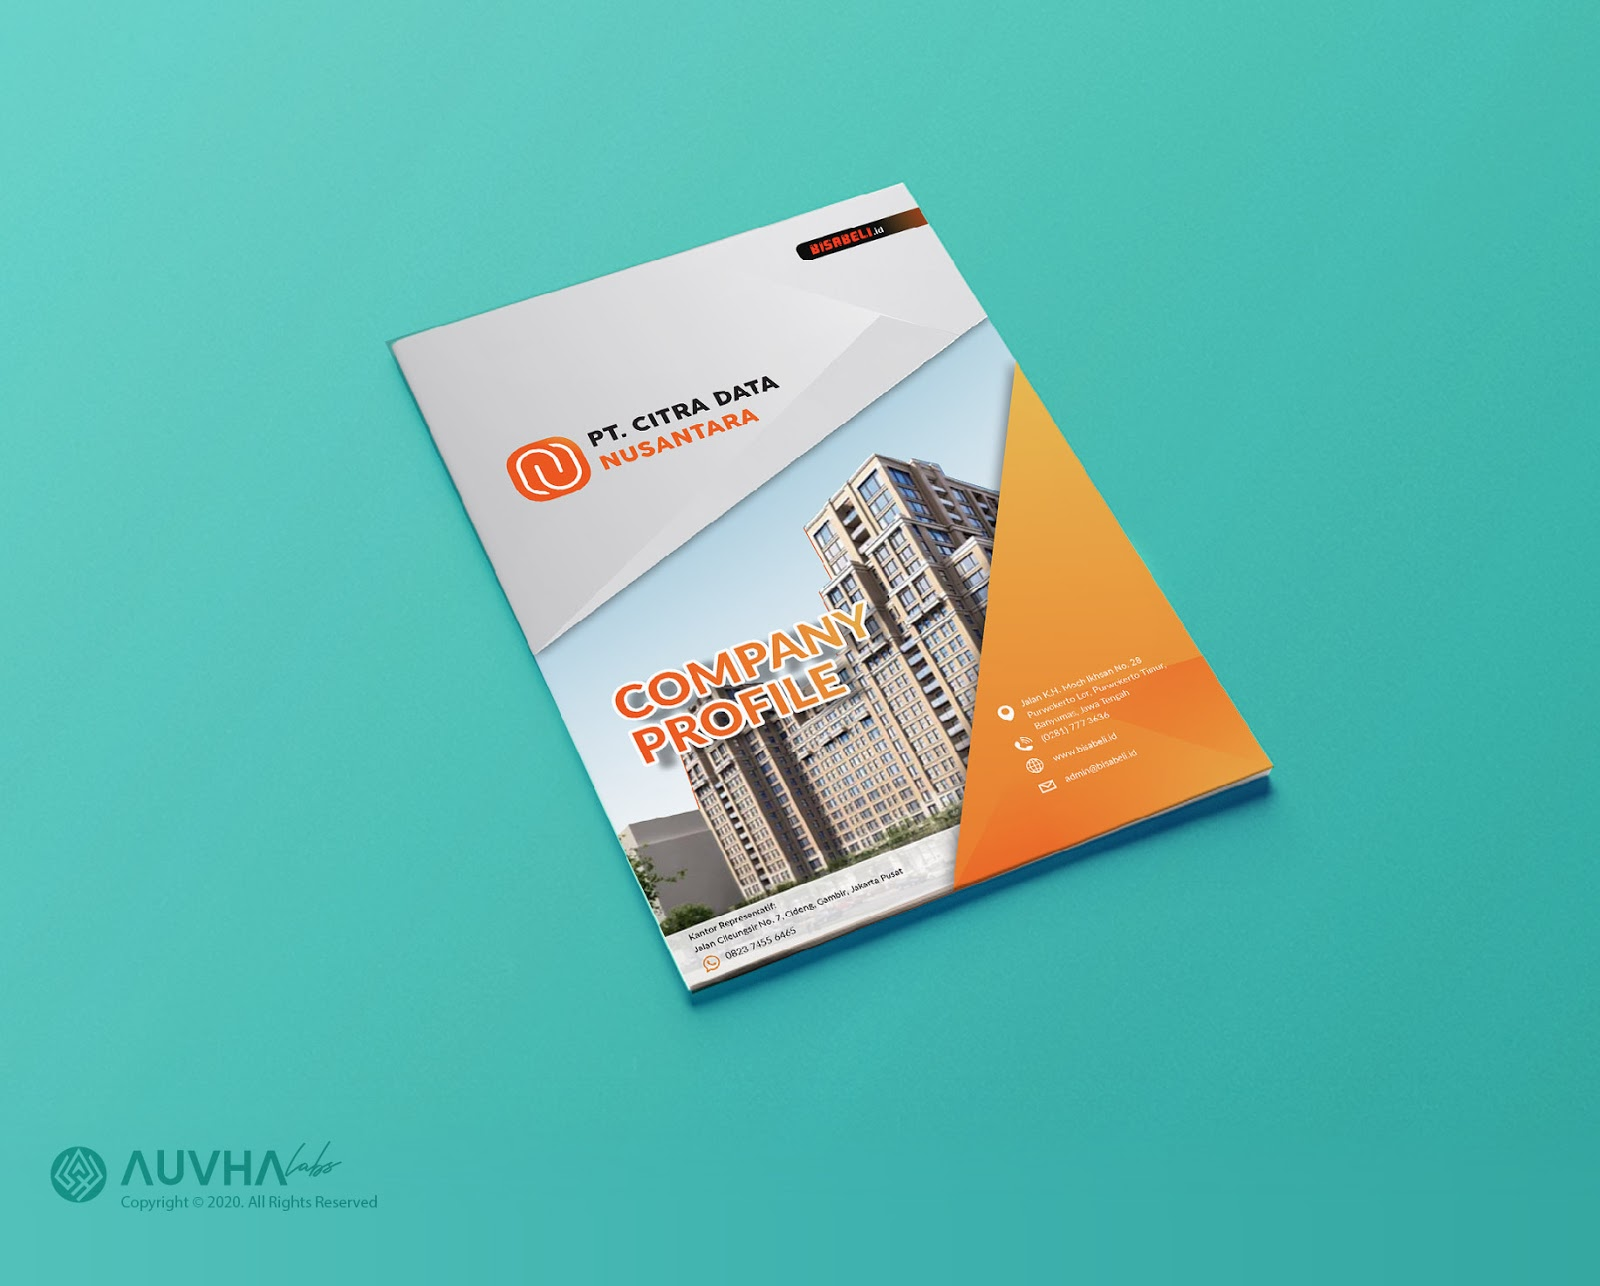 Company Profile PT Citra Data